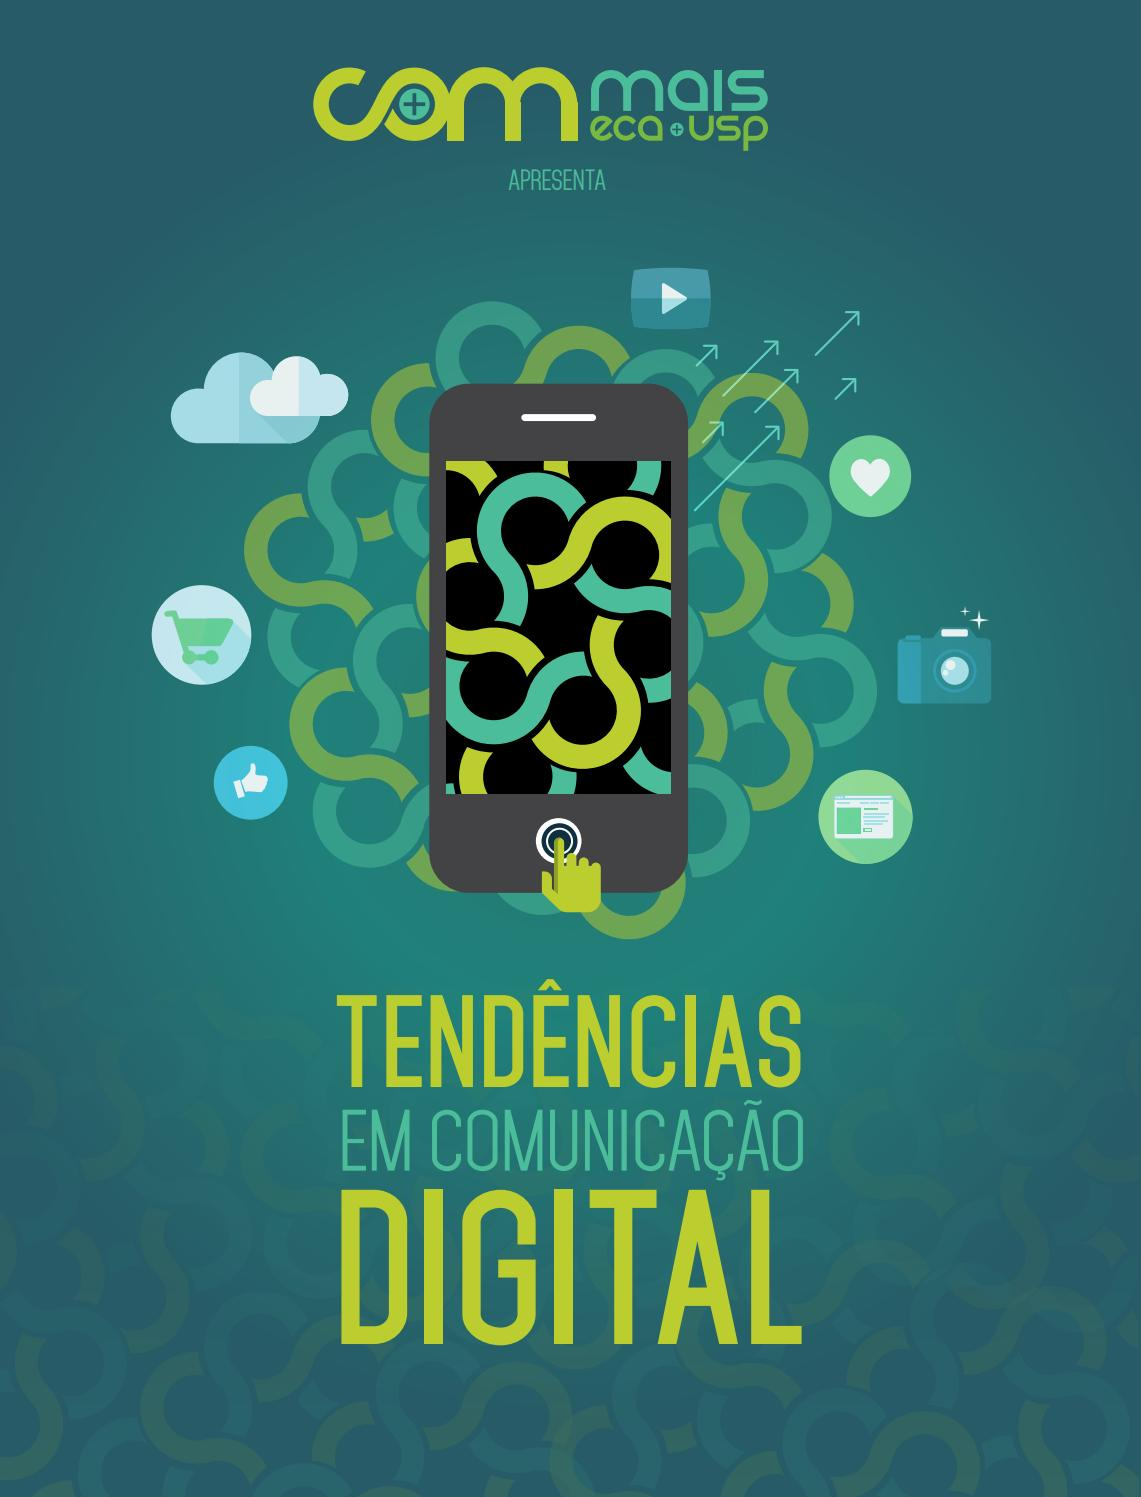 a29edacee21 Tendências em Comunicação Digital by COM+ - issuu